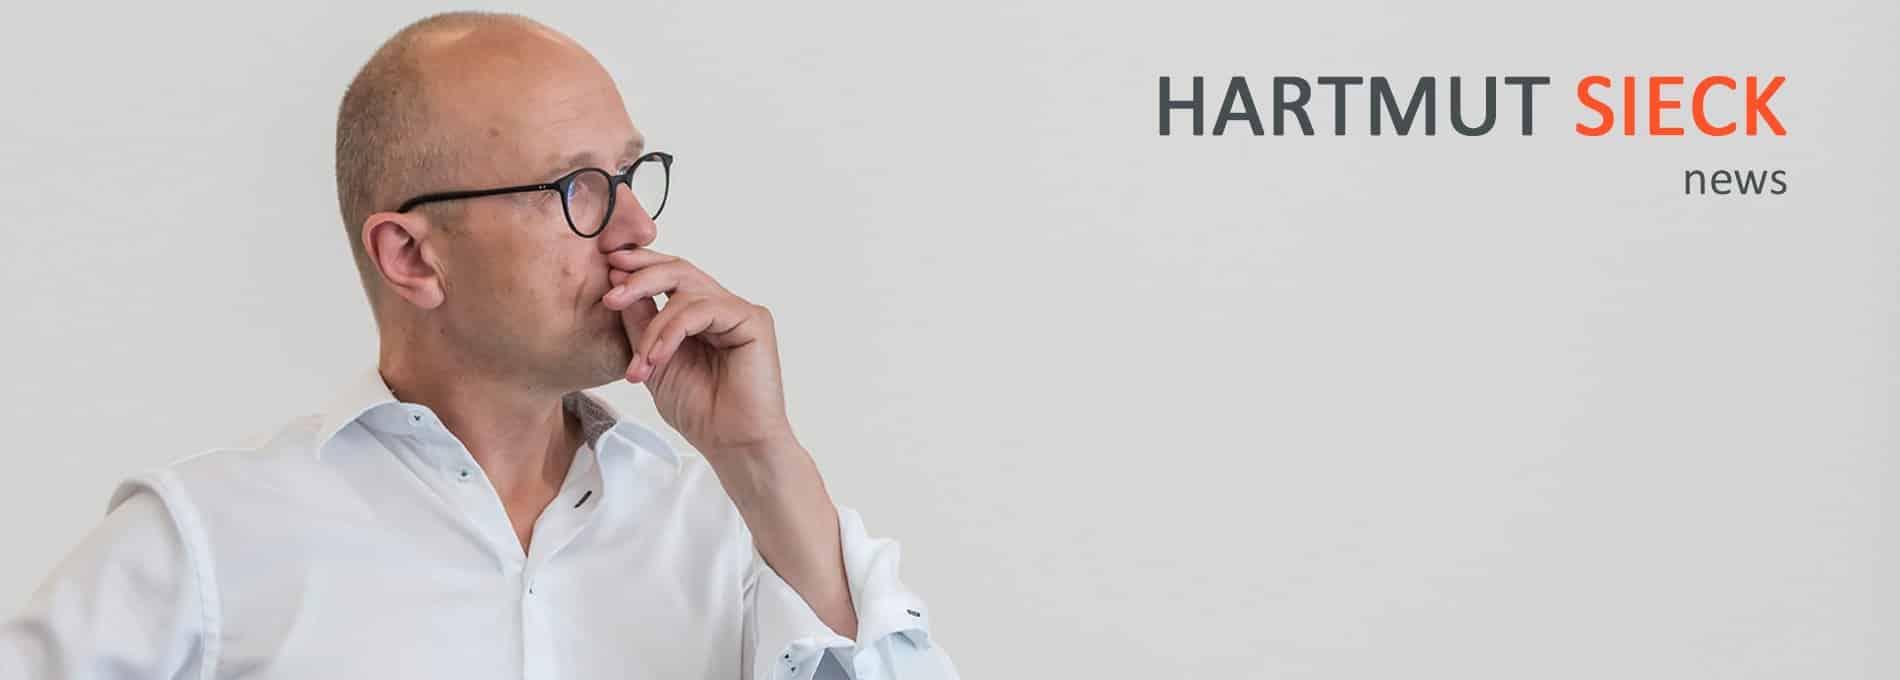 SIECK:news, der Newsletter von Hartmut Sieck